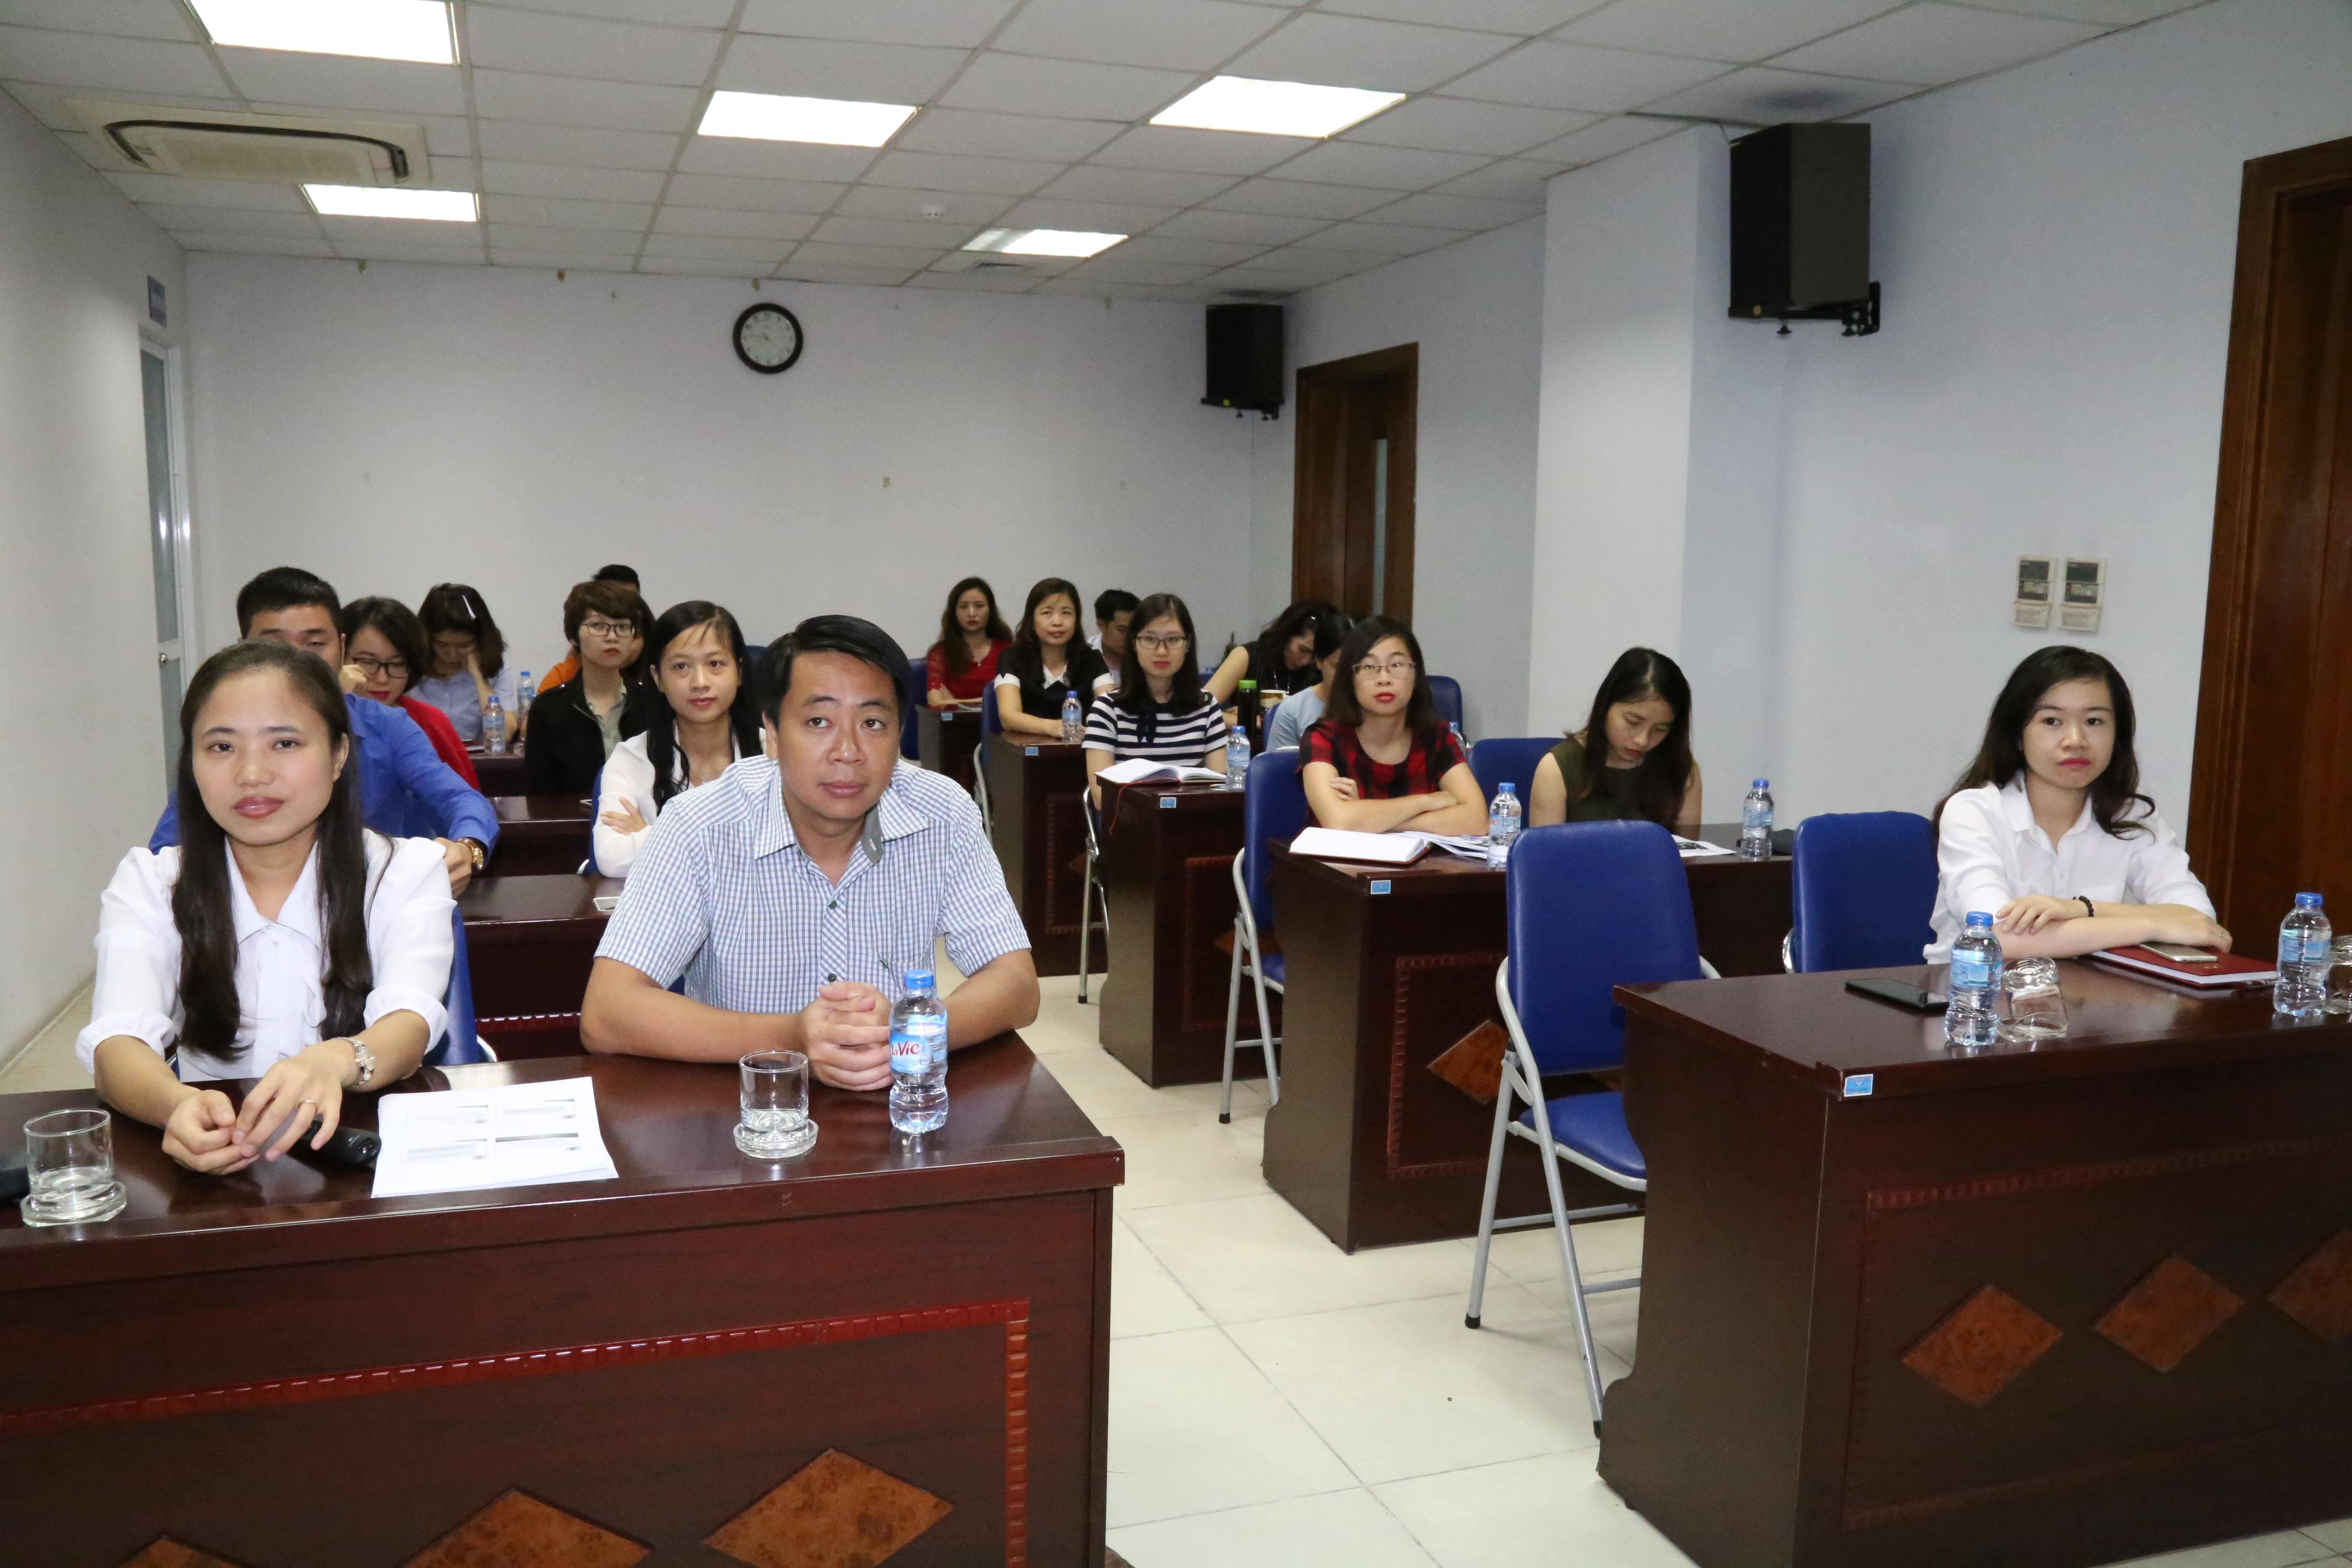 Chi đoàn thanh niên Trường Đào tạo và Bồi dưỡng nghiệp vụ kiểm toán tổ chức Lớp tập về kỹ năng thuyết trình